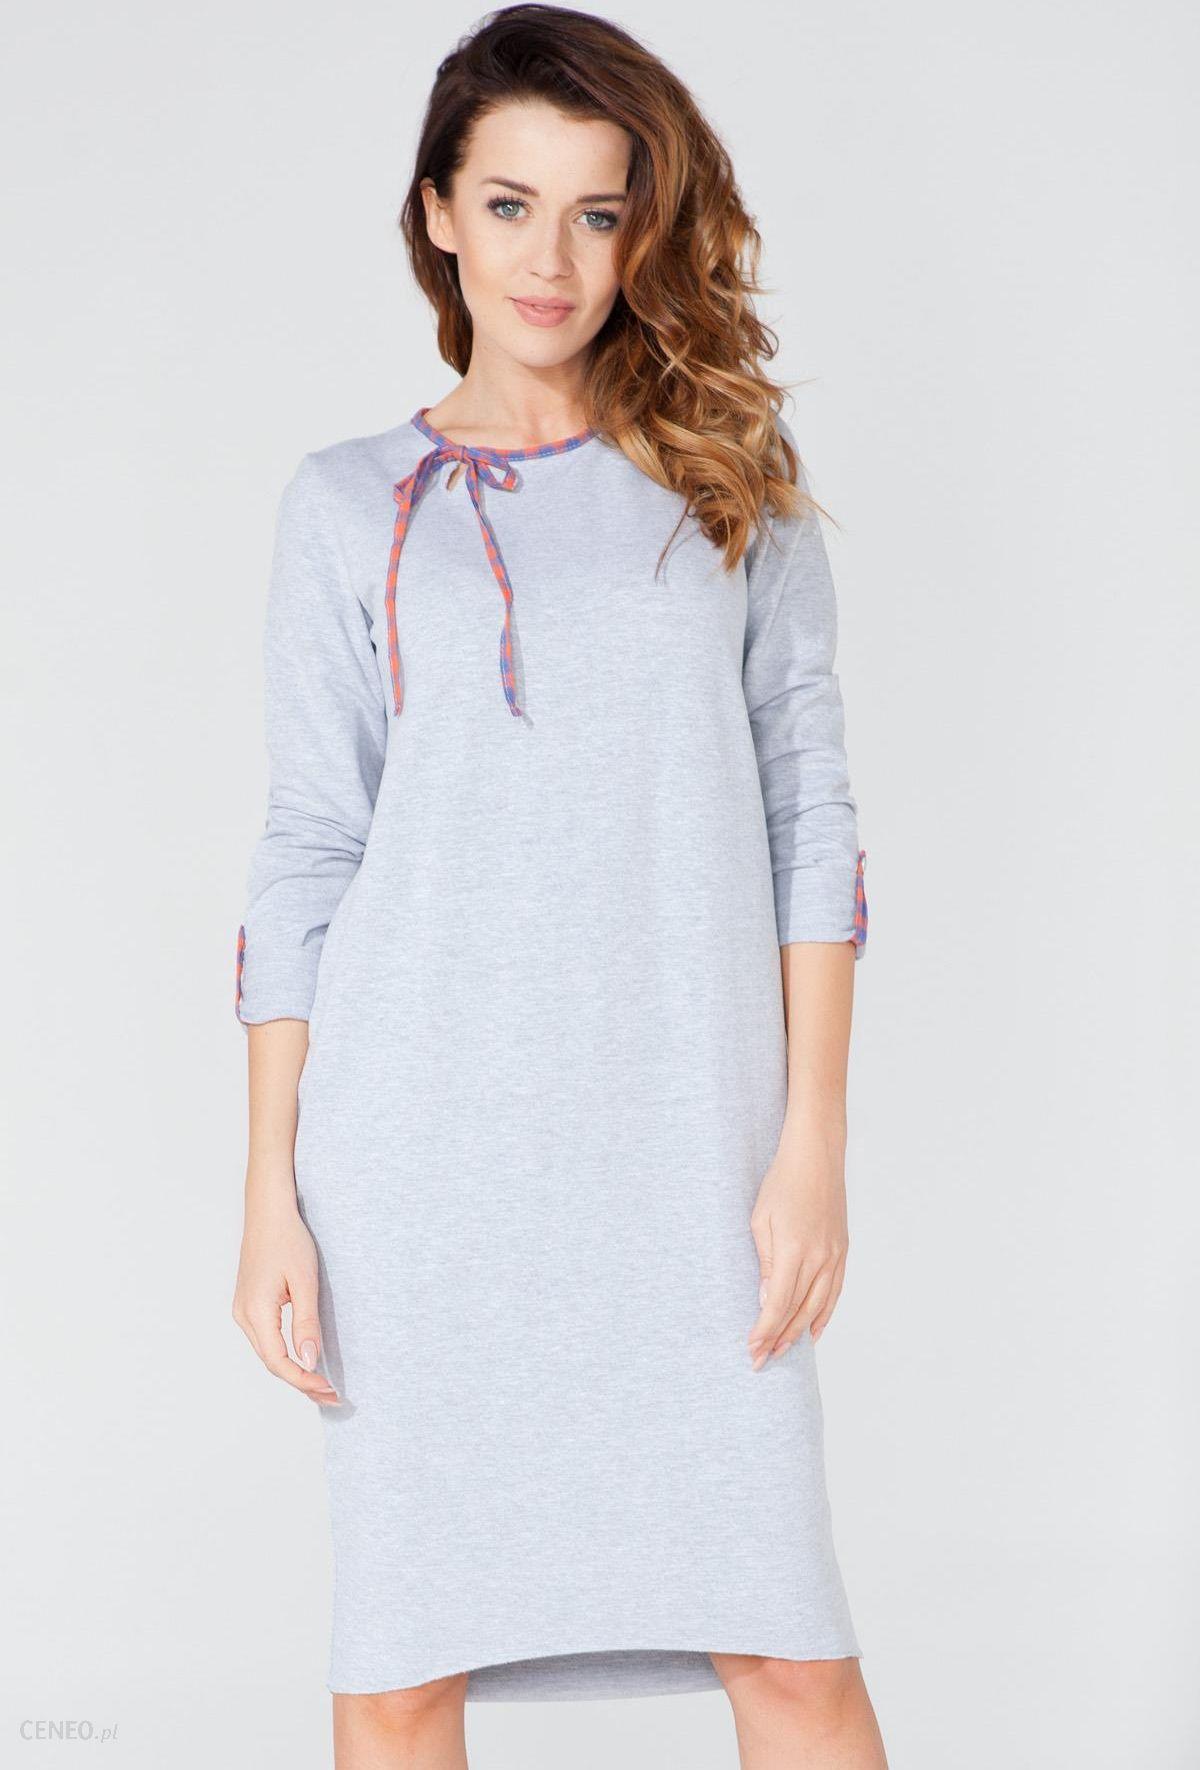 62c99765c6 Długa bawełniana sukienka tuba szara T106 - Ceny i opinie - Ceneo.pl